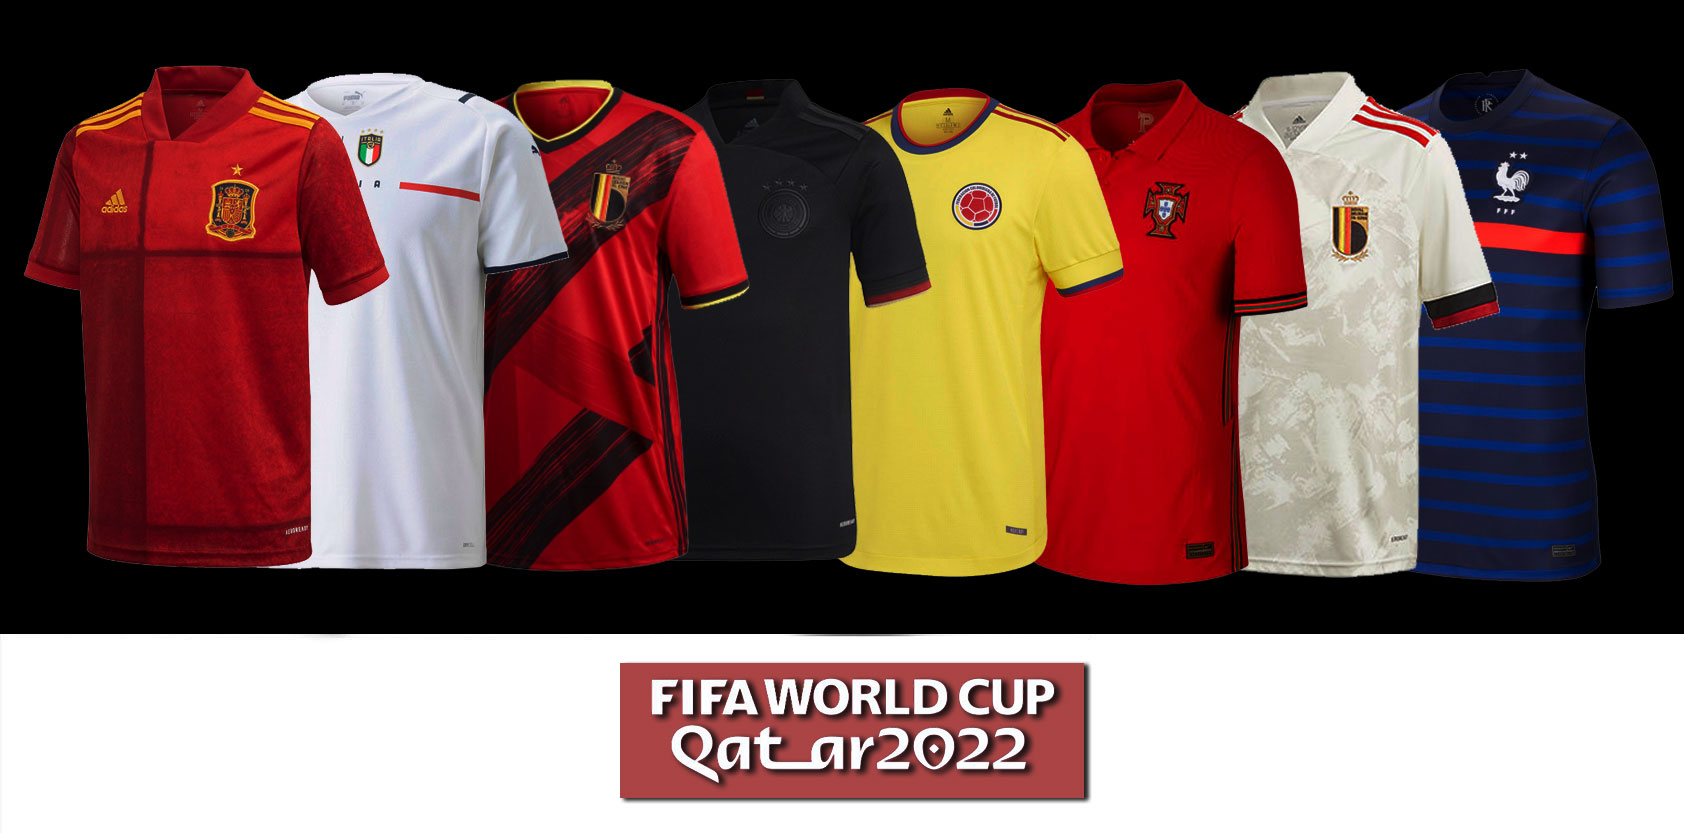 Comprar Camisetas de fútbol baratas en línea 9714d9223286e